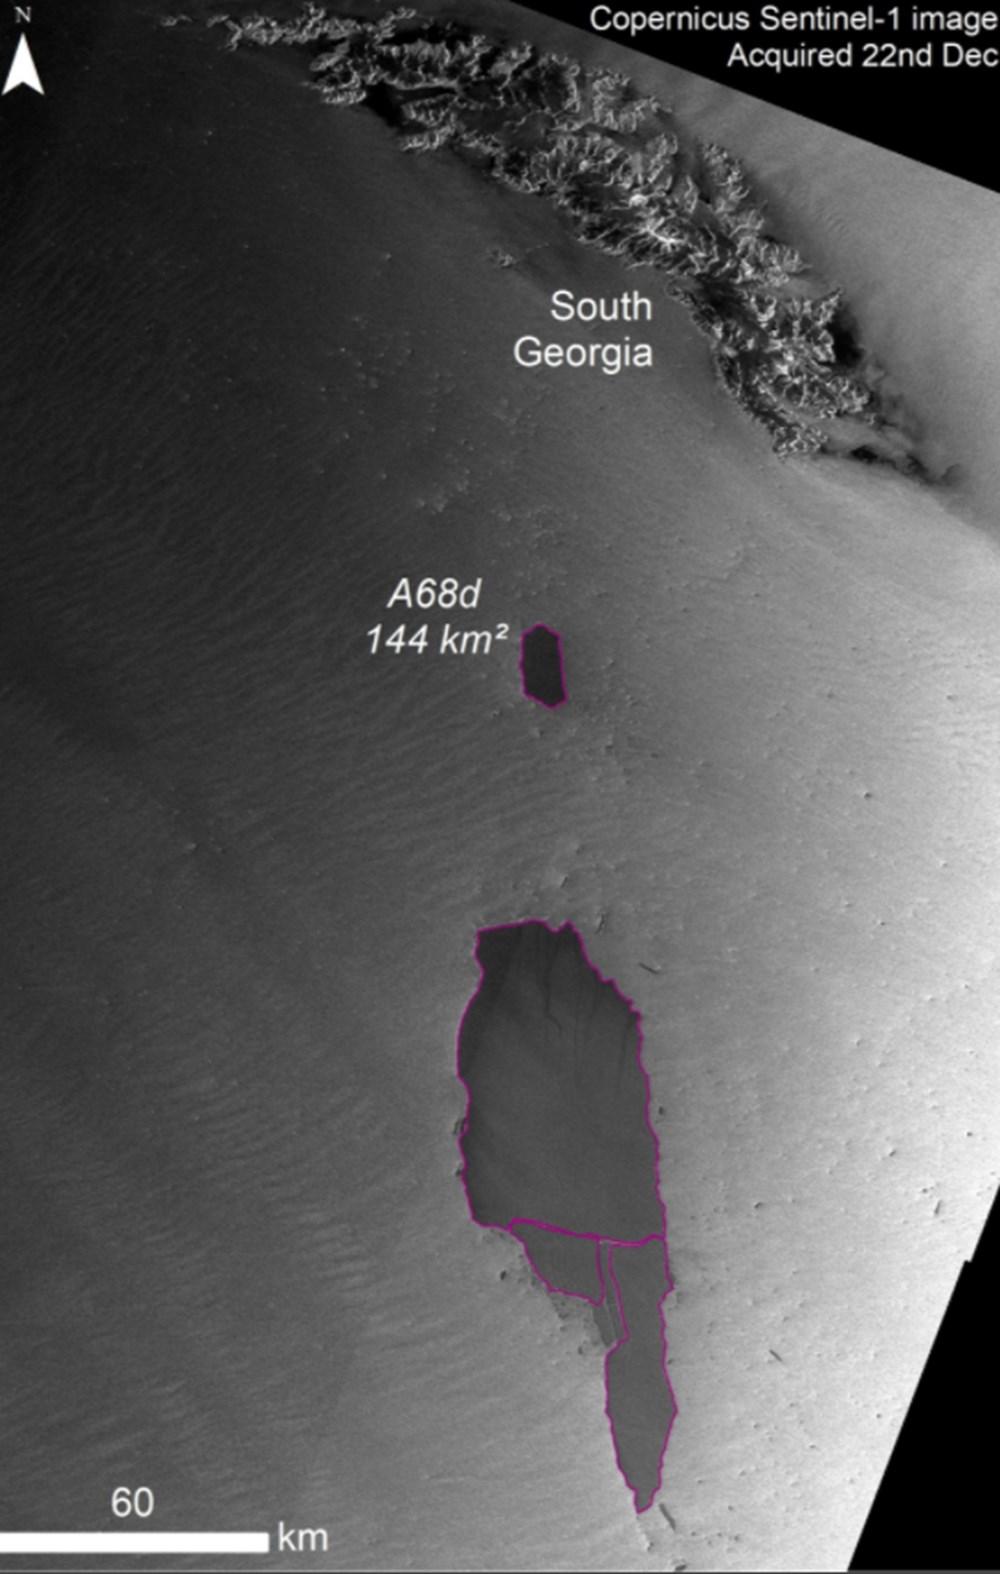 Dünyanın en büyük buzdağı parçalanmaya devam ediyor: Milyonlarca penguen ve deniz canlısı tehdit altında - 5